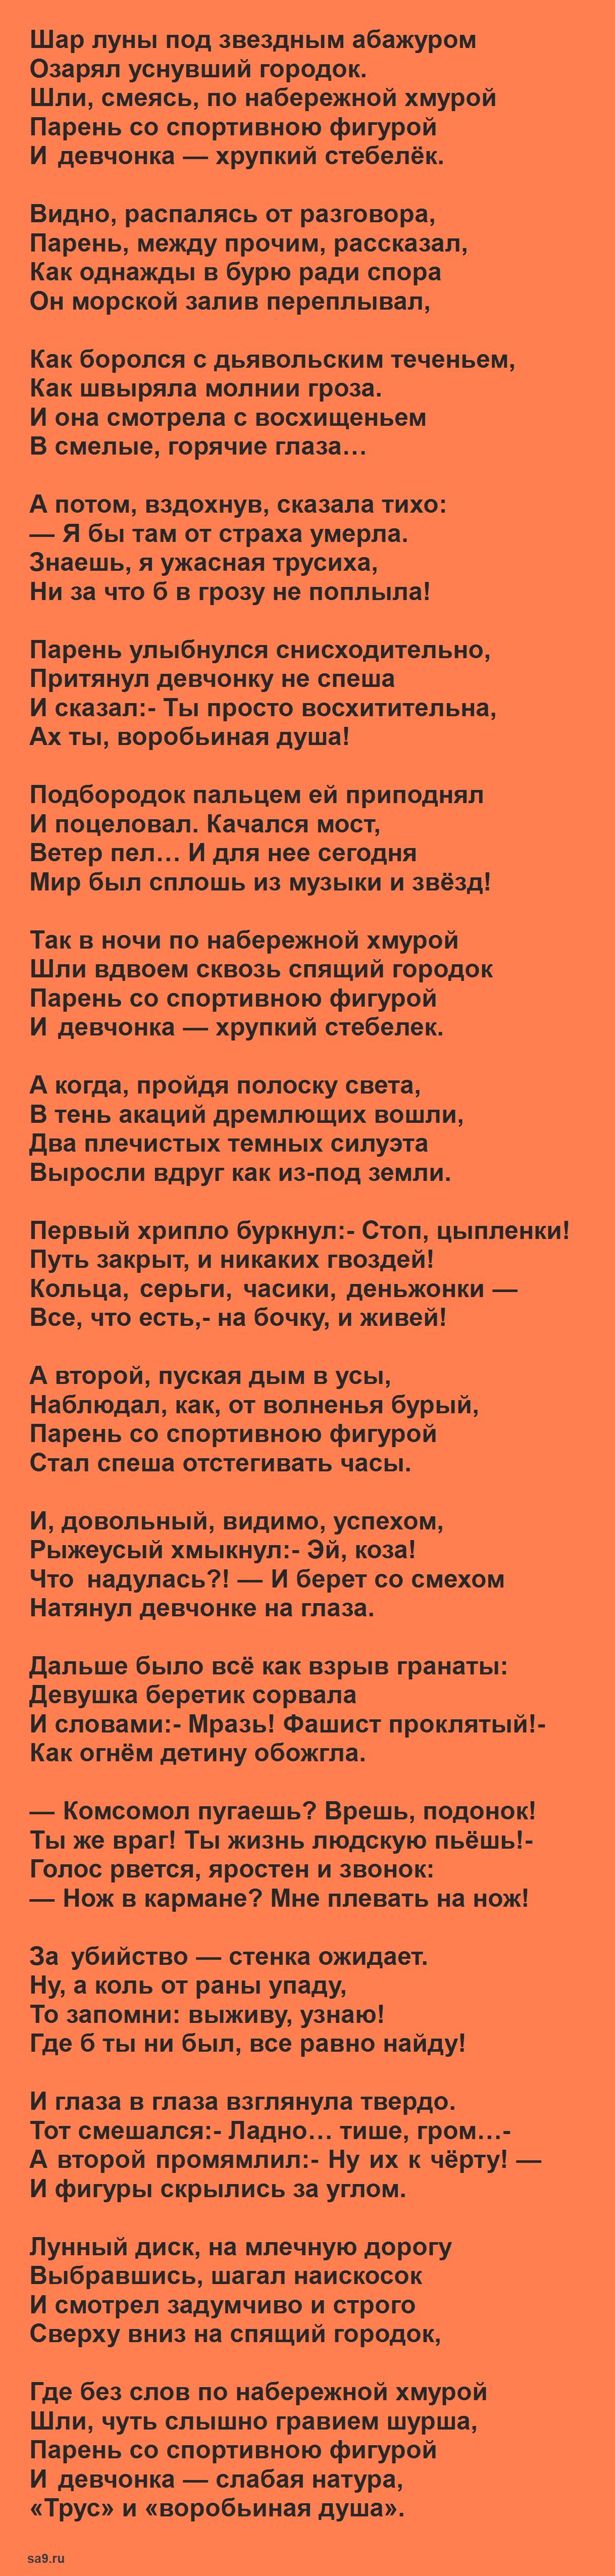 асадов стихи комсомол пугаешь